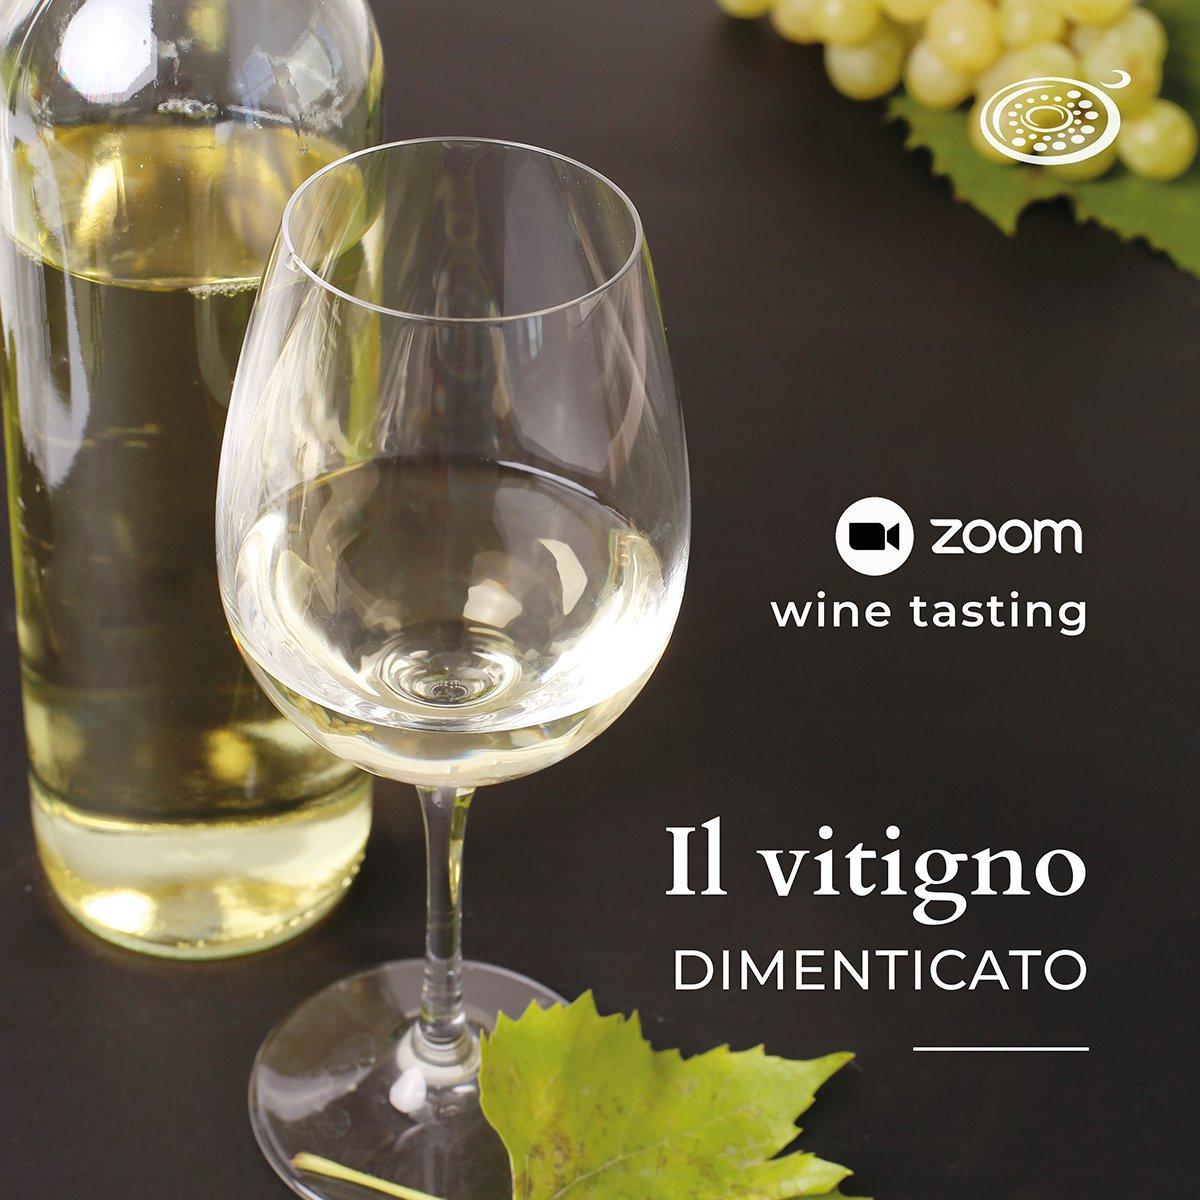 Il vitigno dimenticato: wine tasting